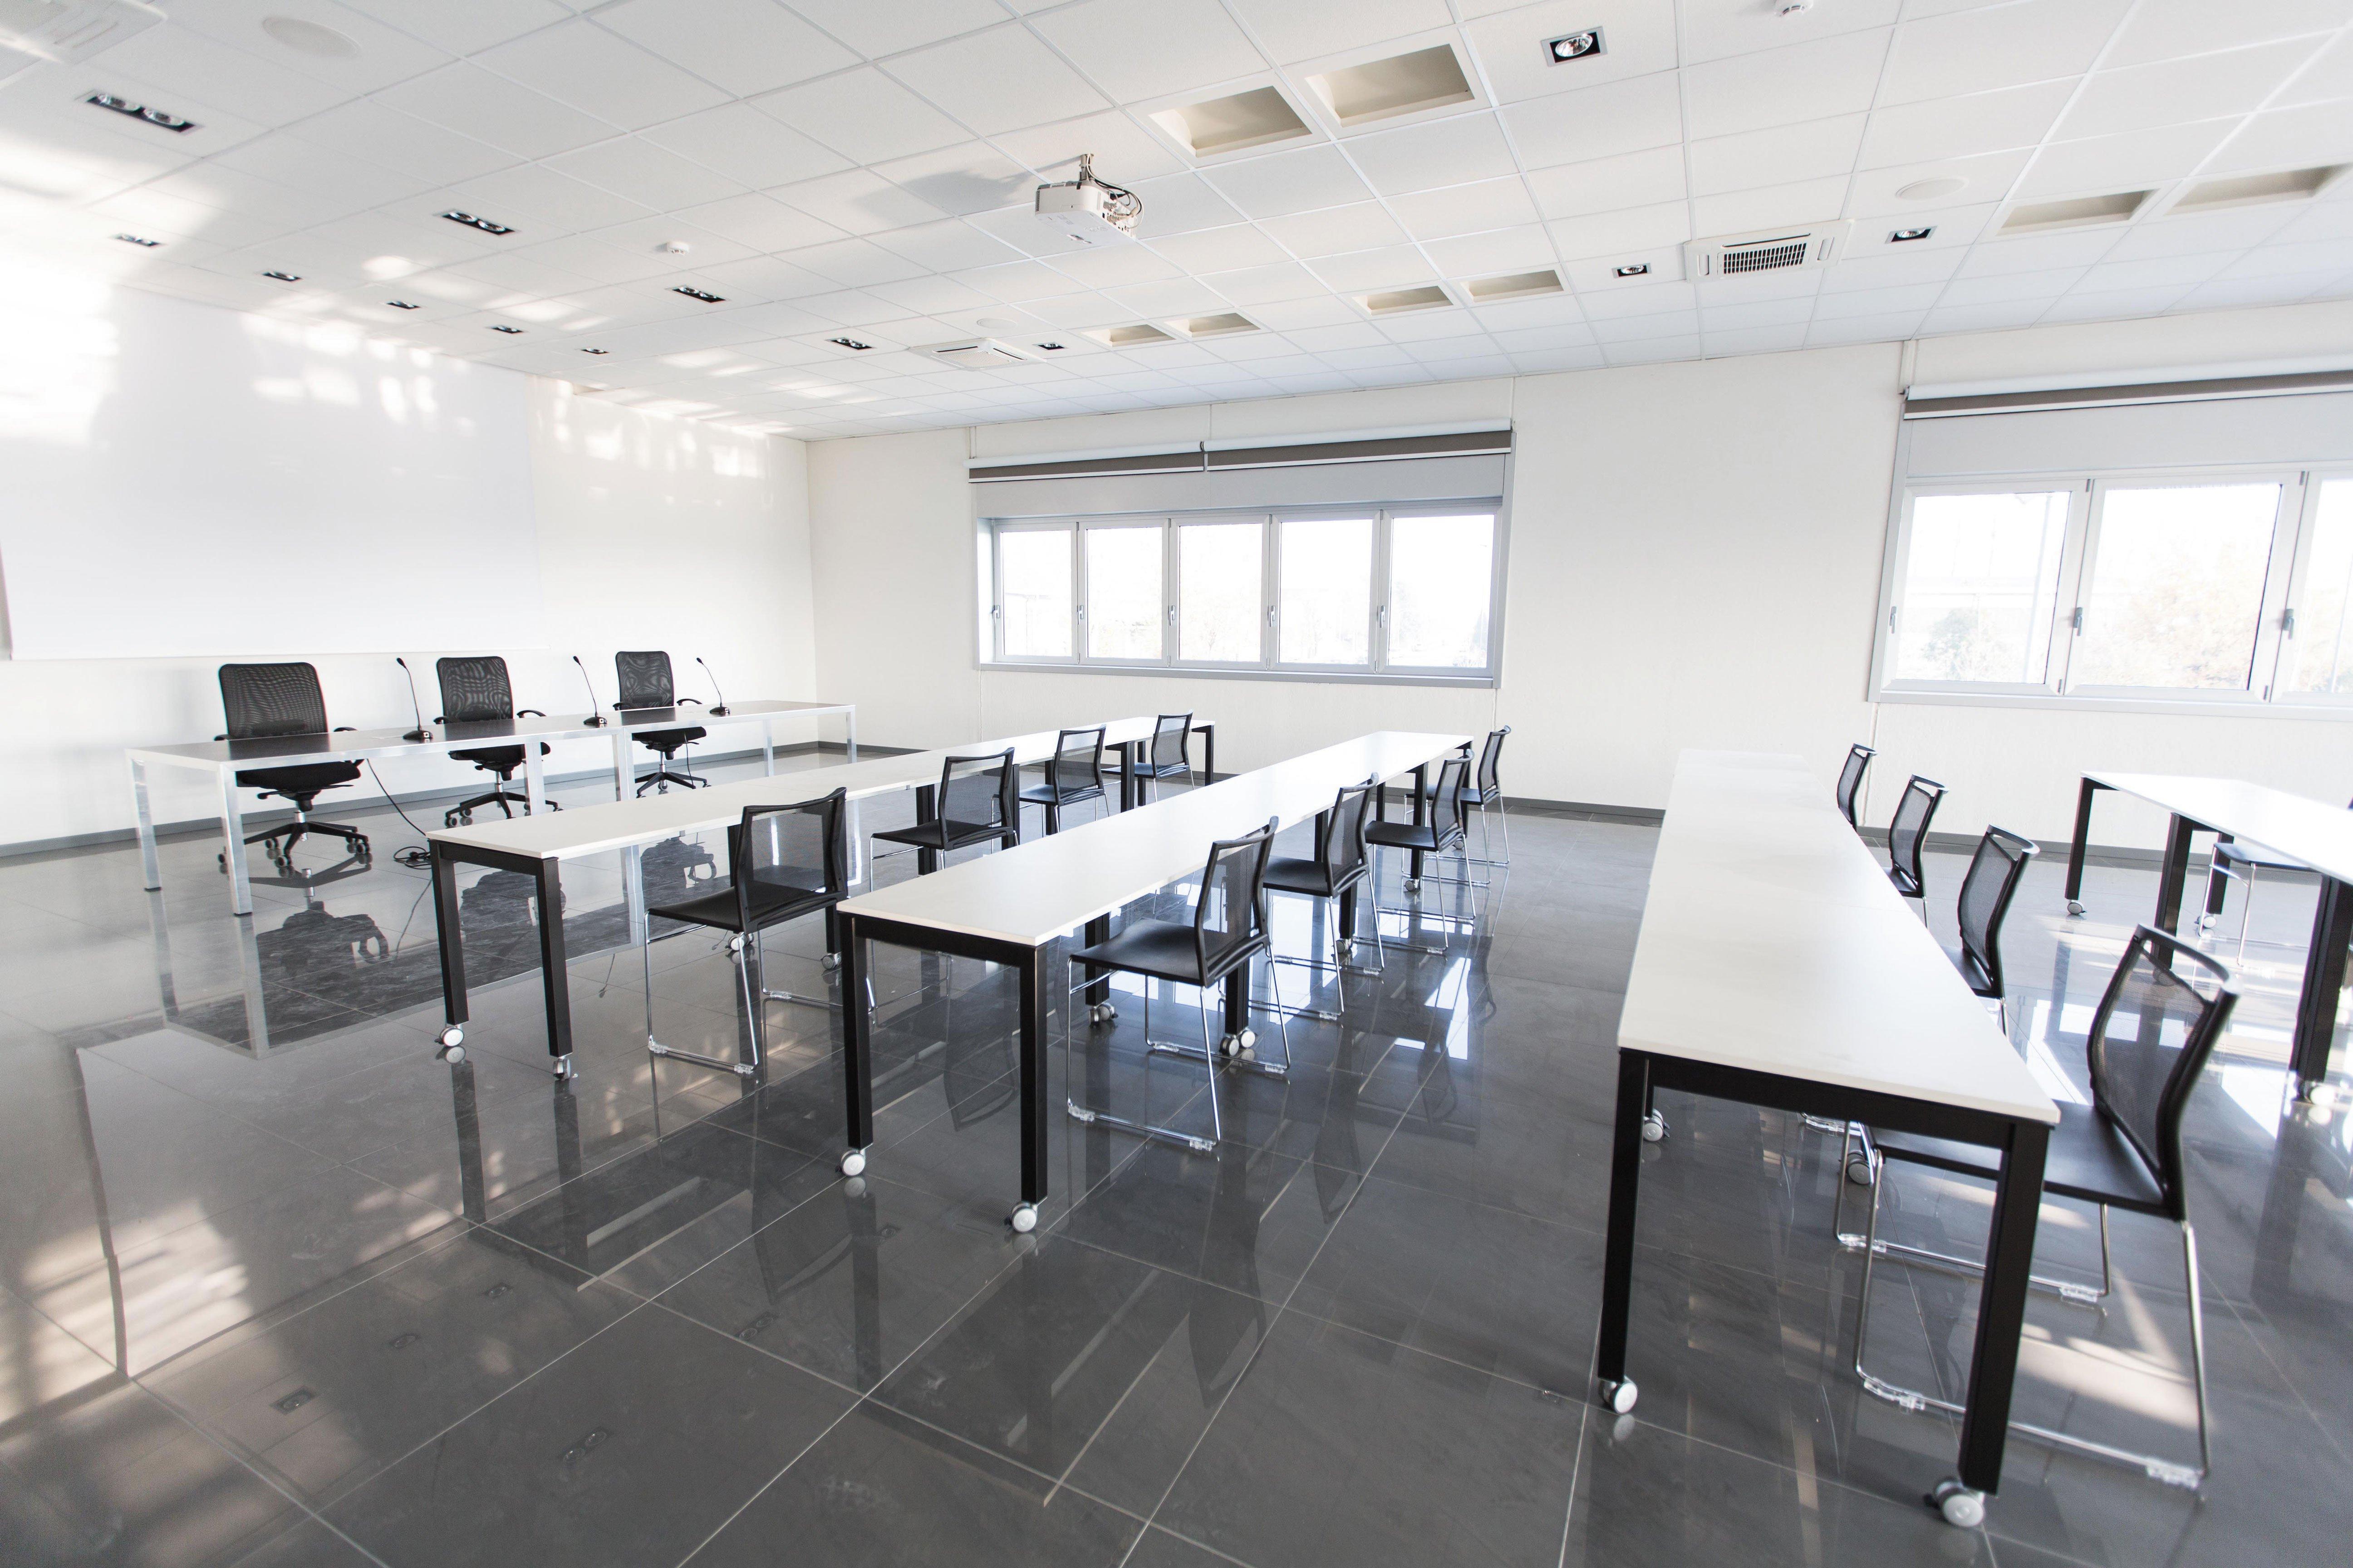 Design Di Mobili Per Ufficio : Mobili per uffici operativi kosmosystem arredamento per ufficio